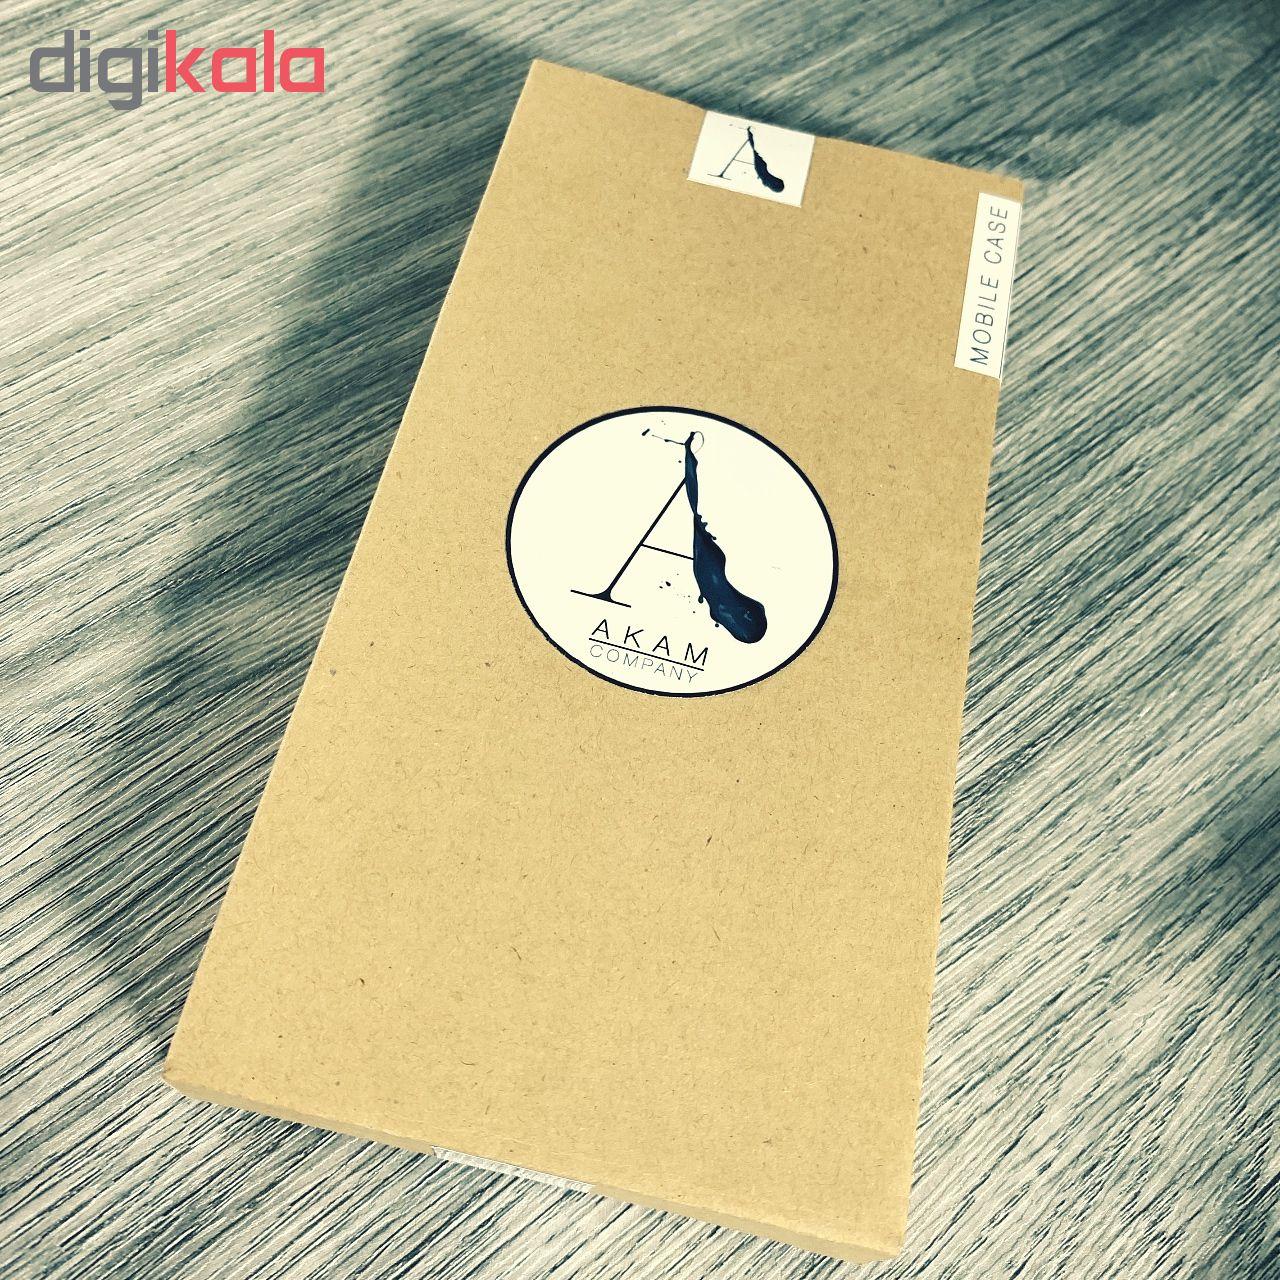 کاور آکام مدل AS81552 مناسب برای گوشی موبایل سامسونگ Galaxy S8 thumb 2 2